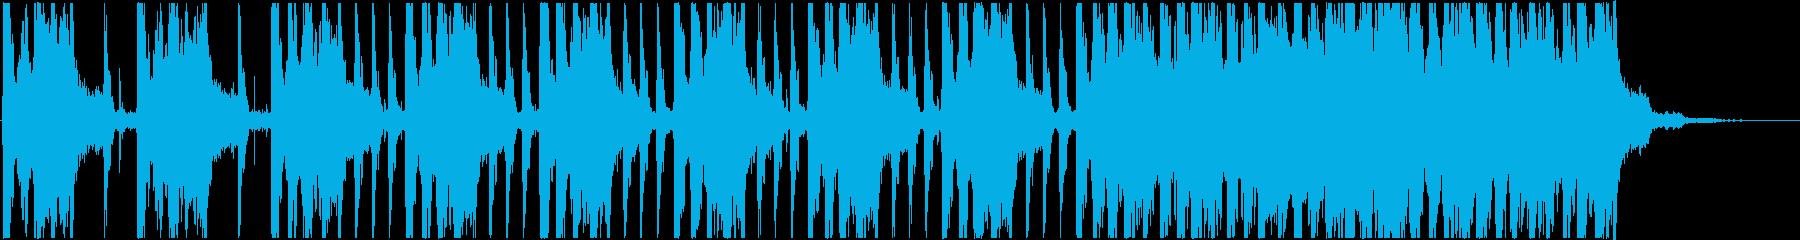 緊張 恐怖 不安<弦楽器B+4つ打ちB>の再生済みの波形